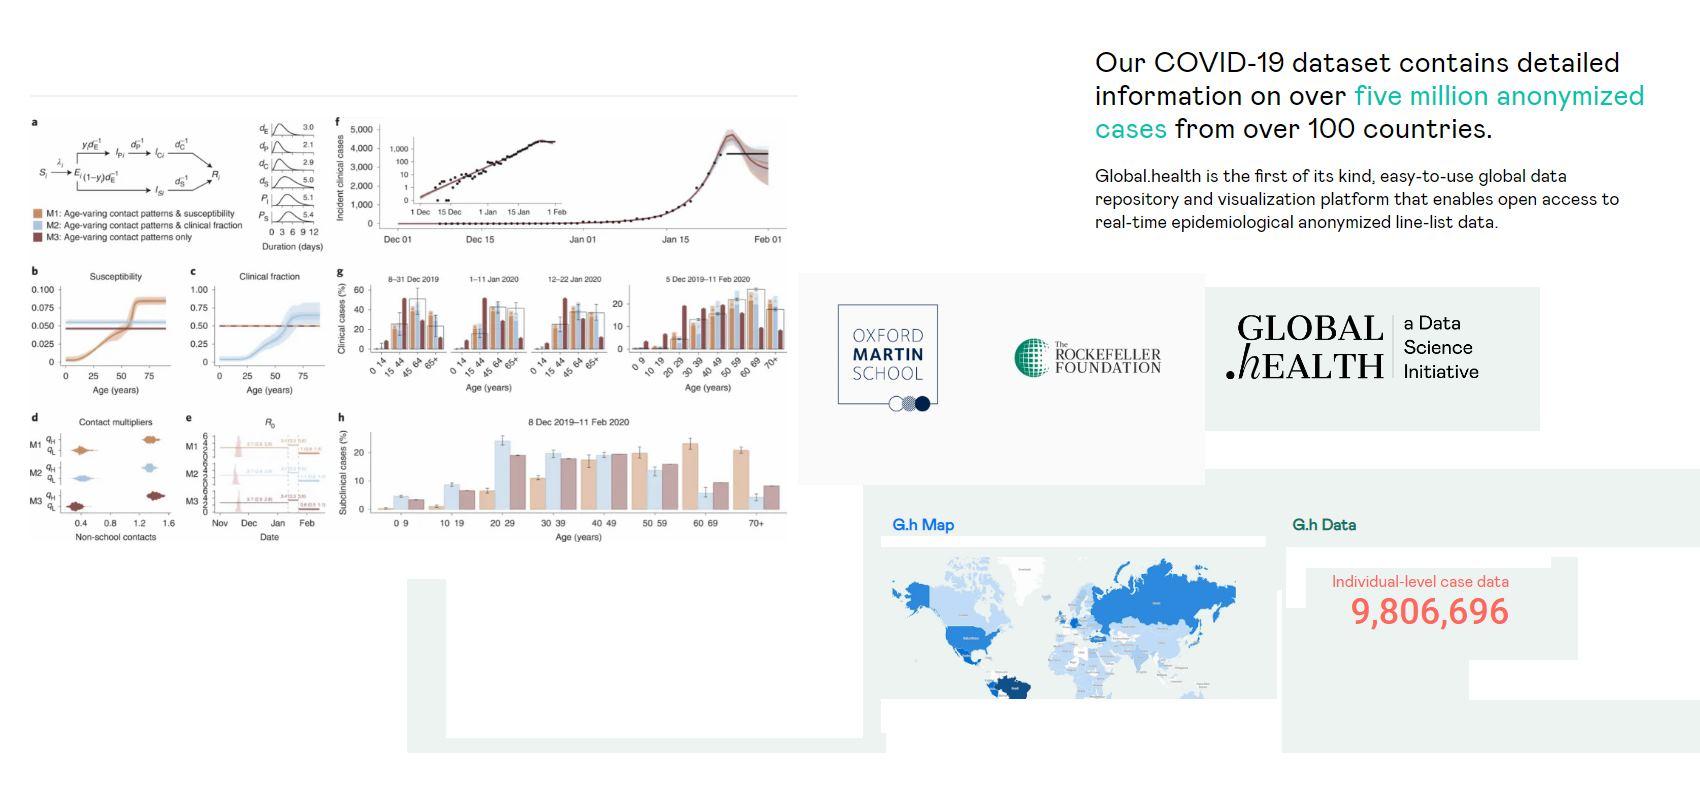 Millones de casos de COVID-19 anonimizados de más de 100 países